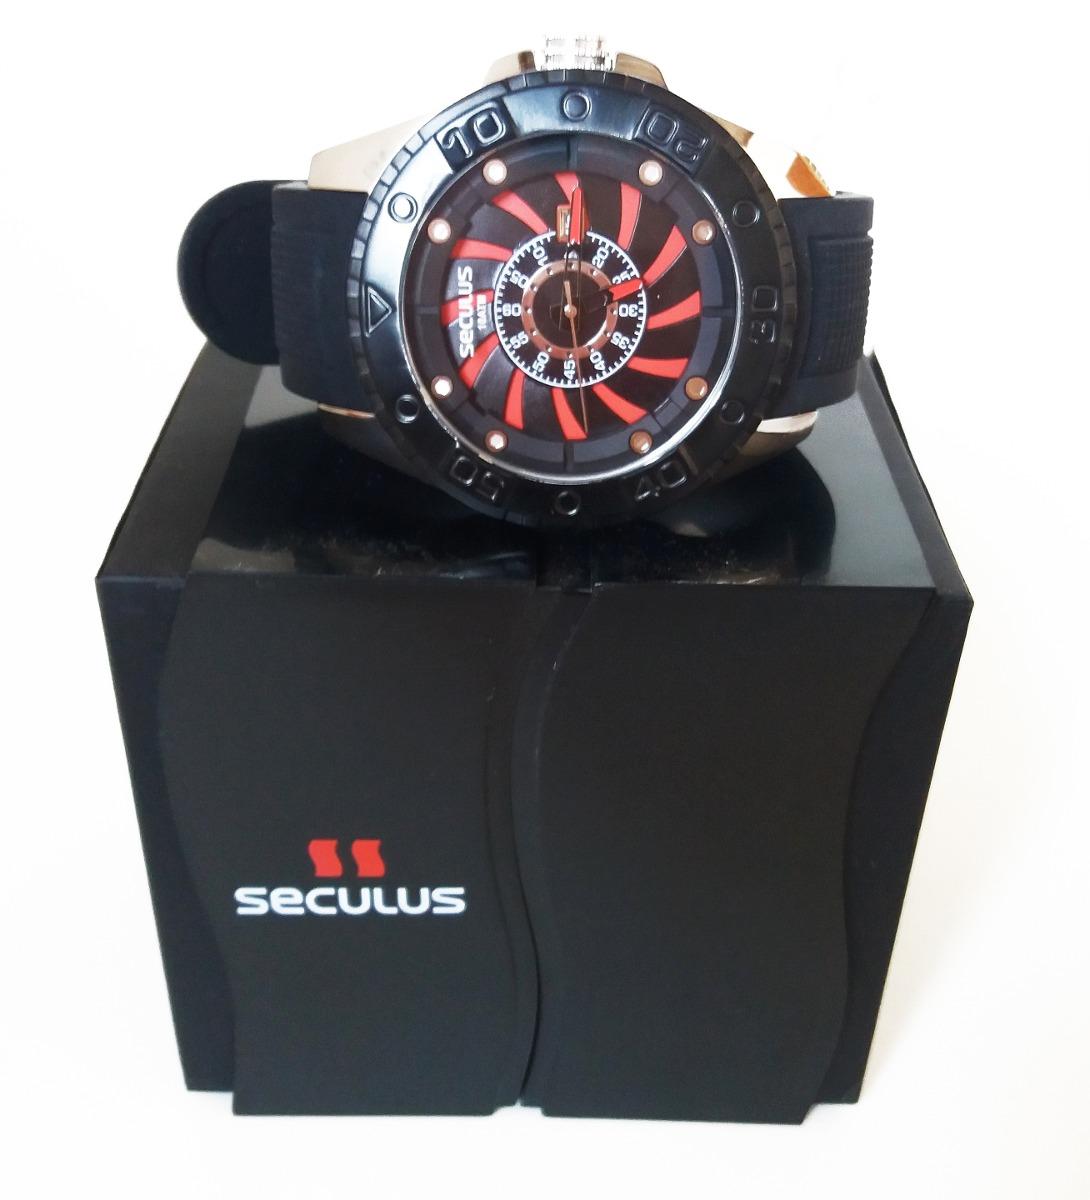 6f14c3741a1 relógio esportivo original seculus aviador presente de luxo. Carregando zoom .